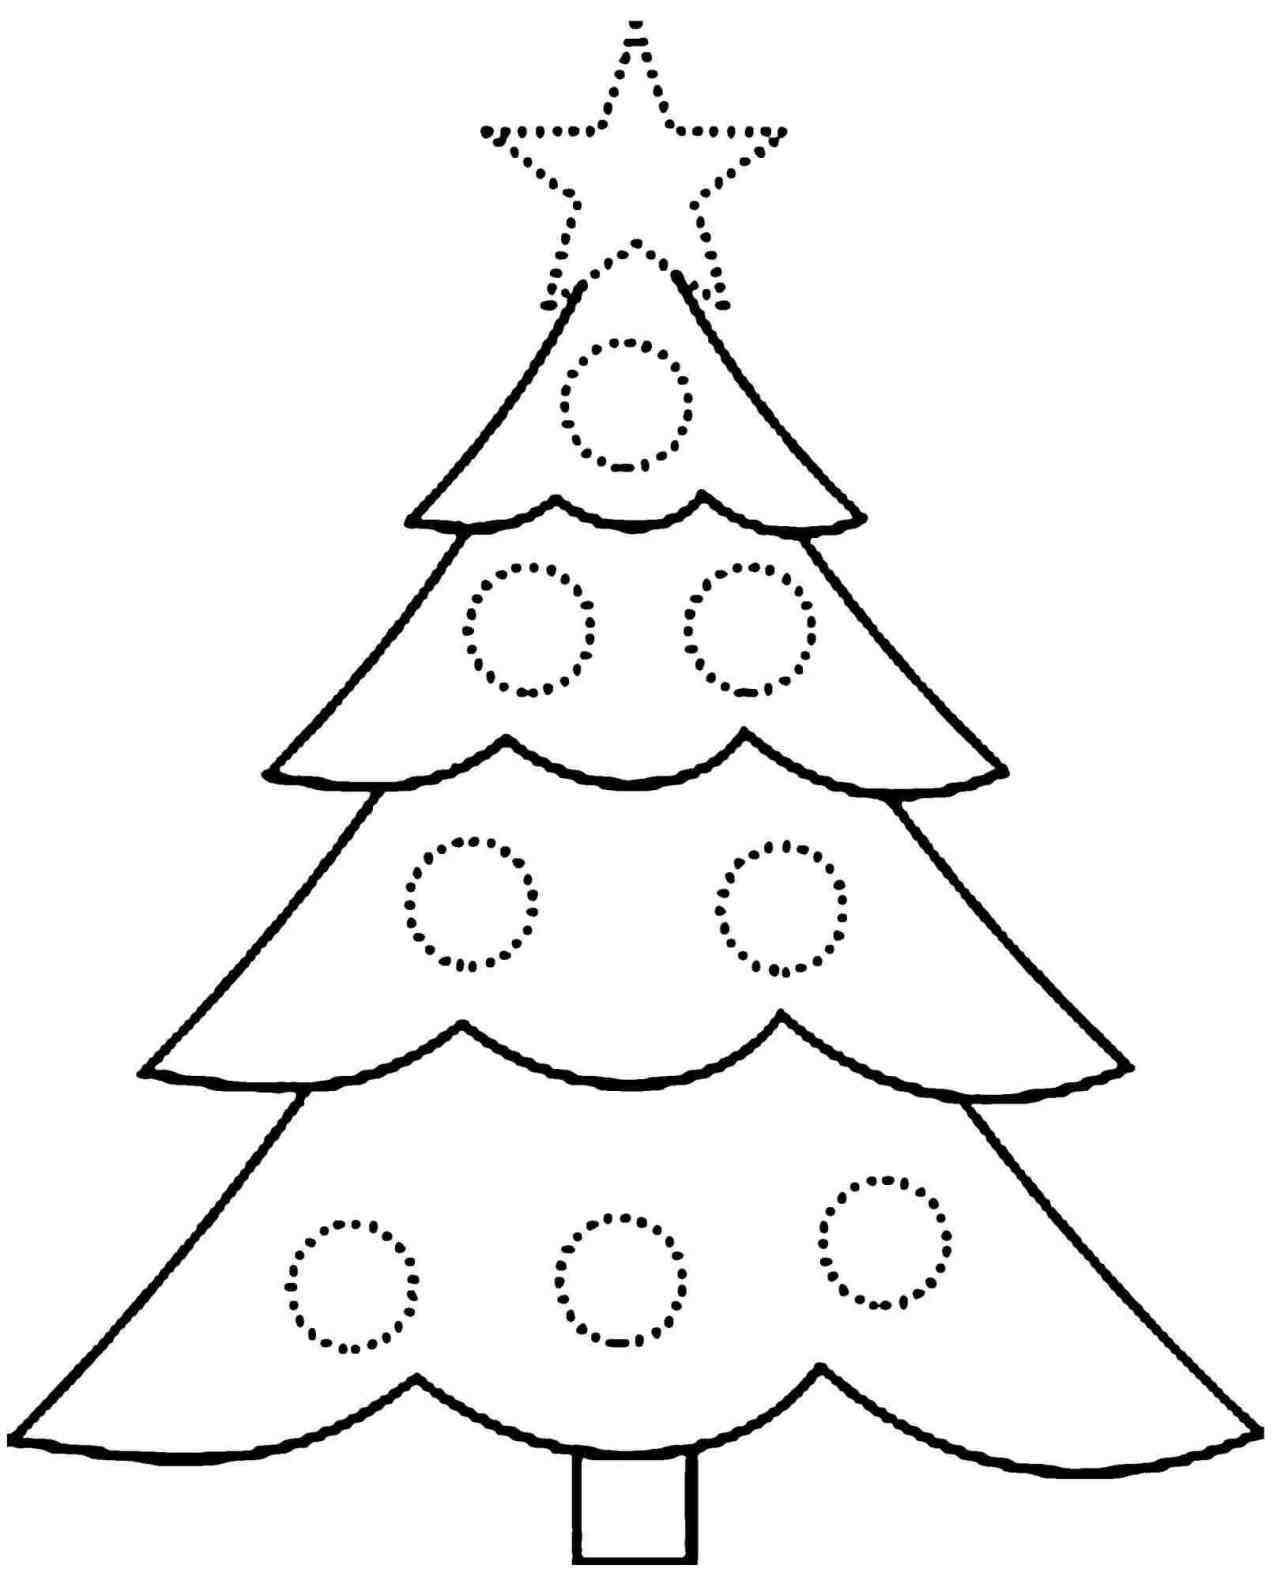 - Printable Christmas Tree Template €� Ngorong.club - Coloring Home